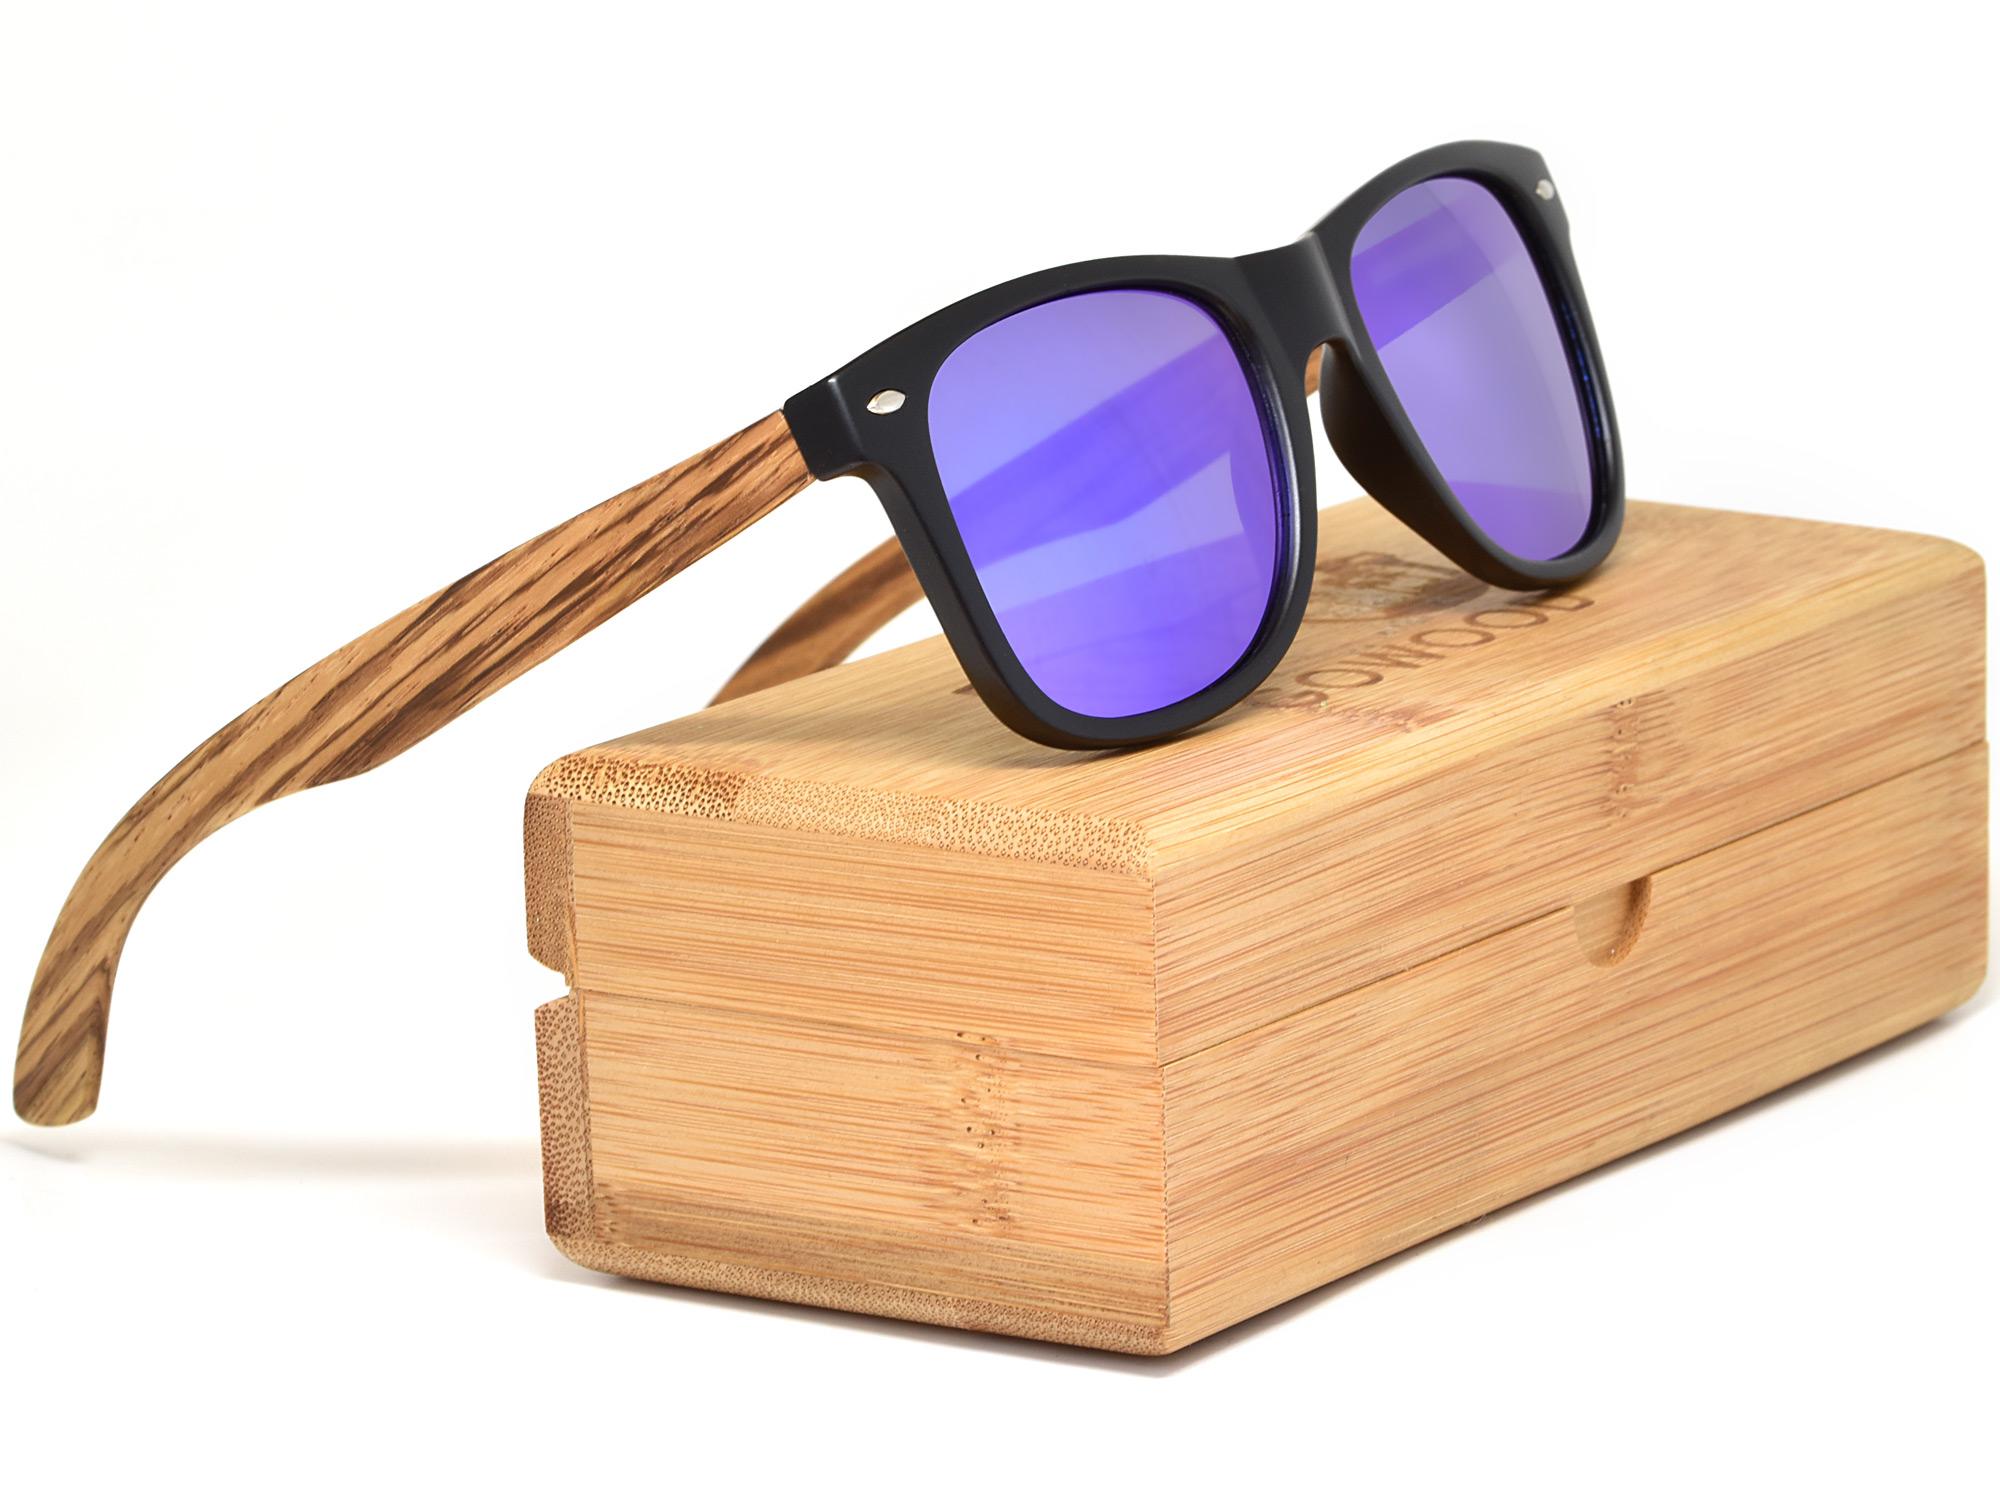 Lunettes de soleil en bois de zèbre avec verres miroir bleu boîte